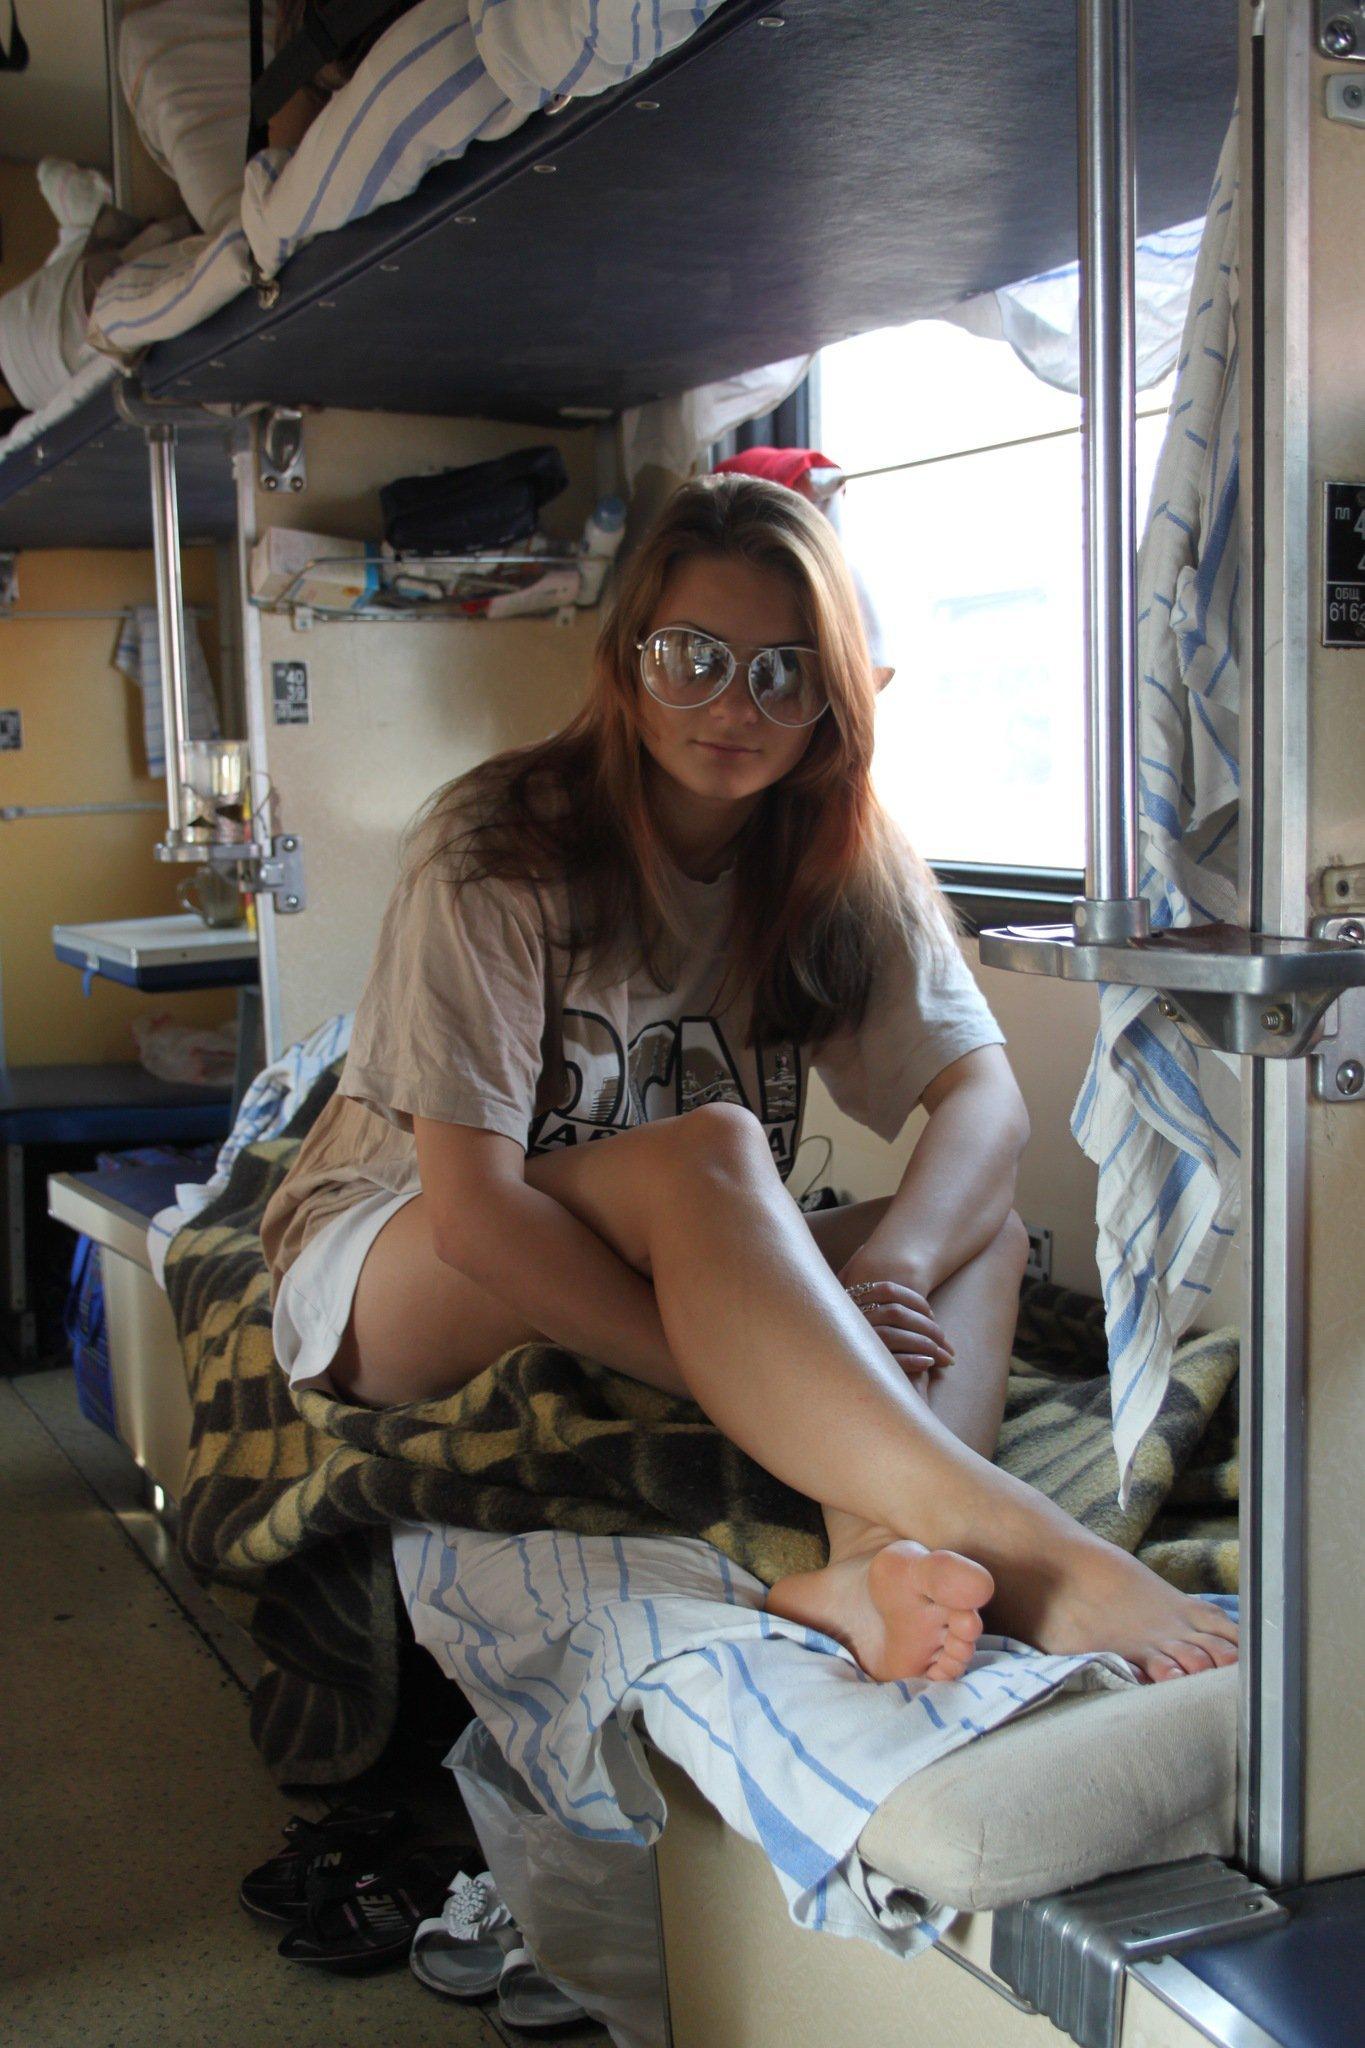 секс в поезде с девушкой фото